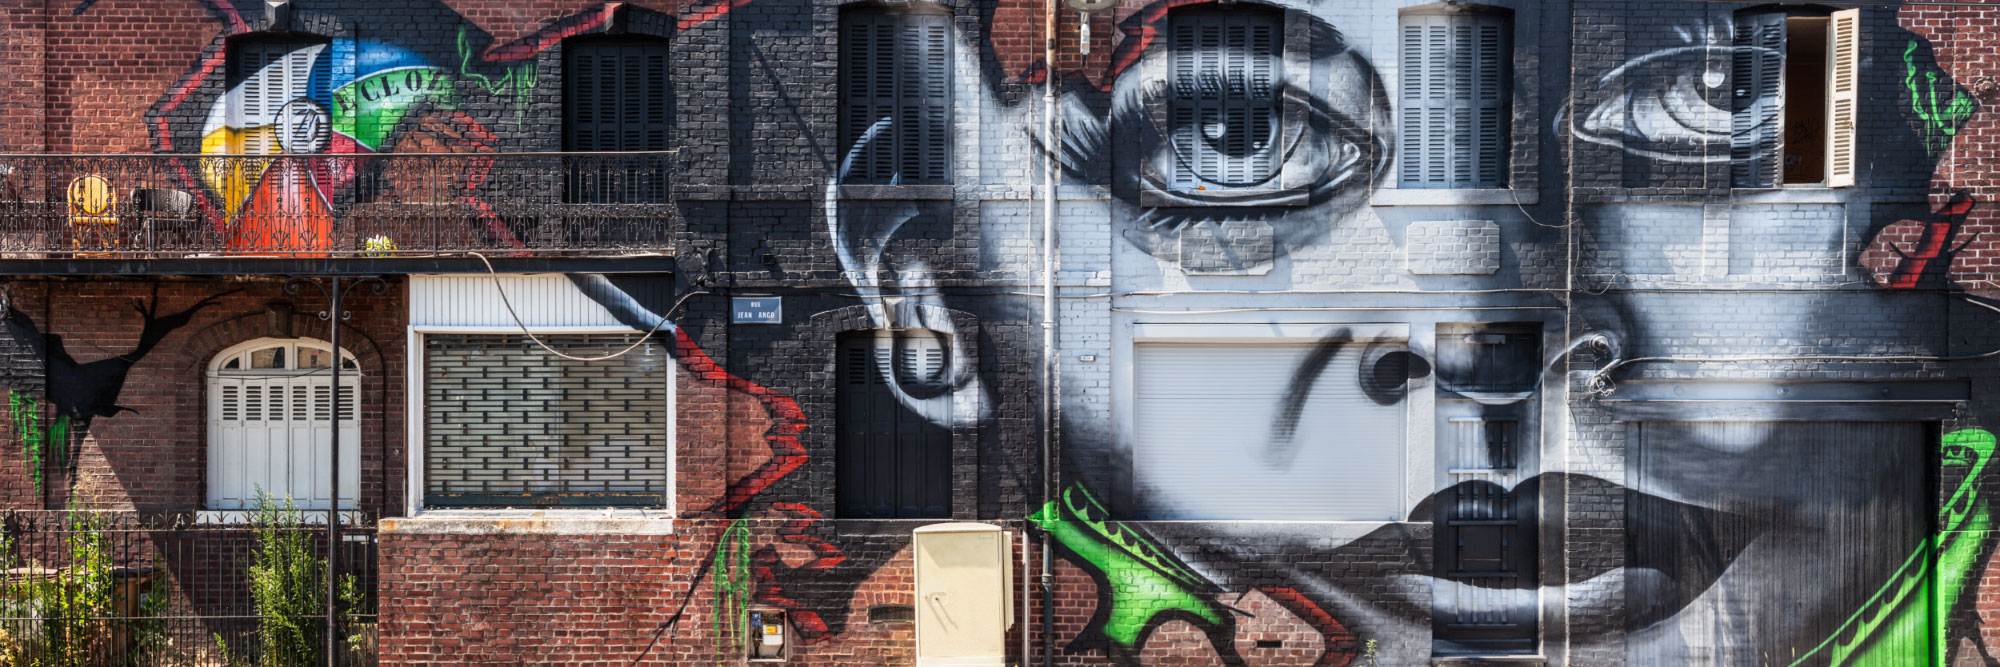 Graff sur immeuble squatté avant démolition, rue Jean Ango, Rouen / Ecloz